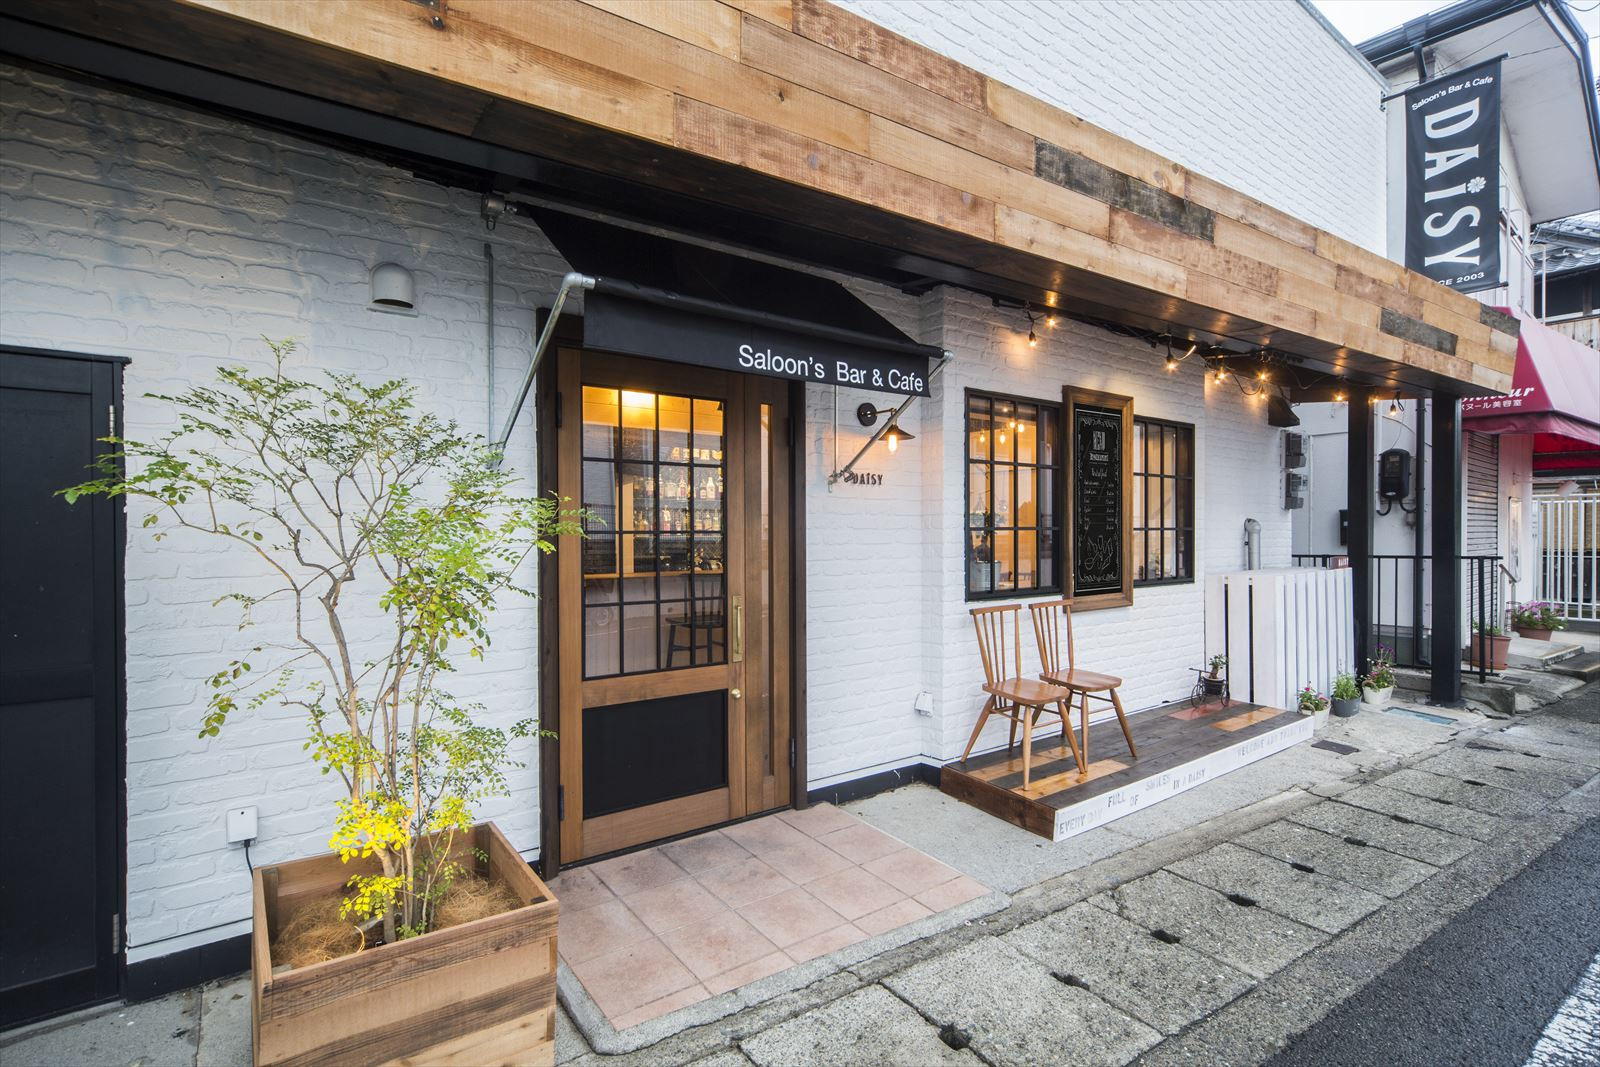 Saloon's Bar & Cafe DAISY画像